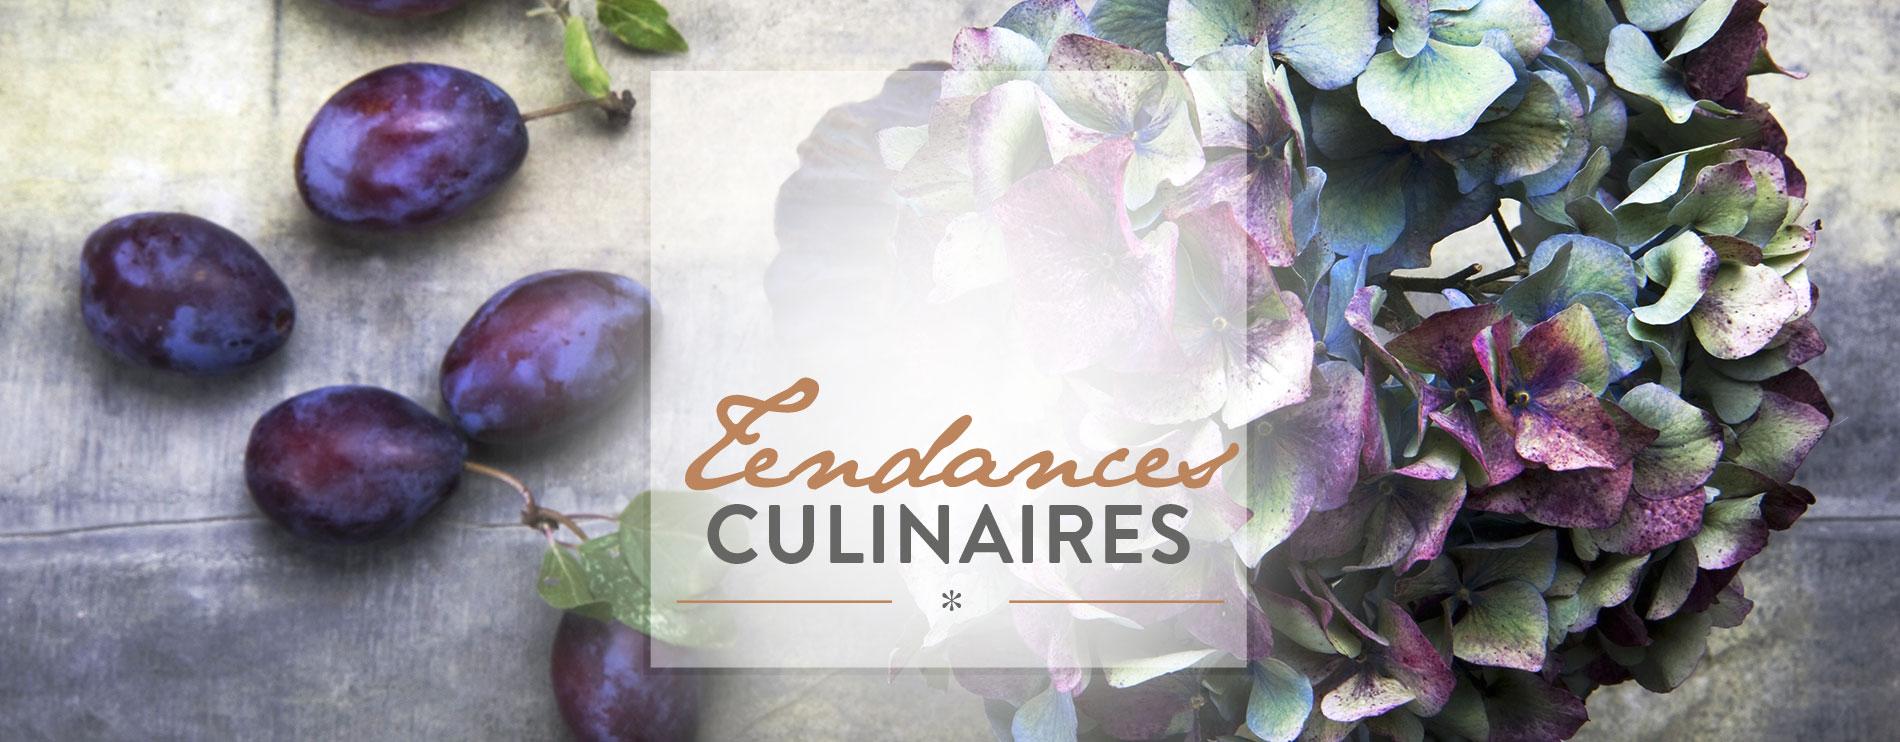 tendances culinaires